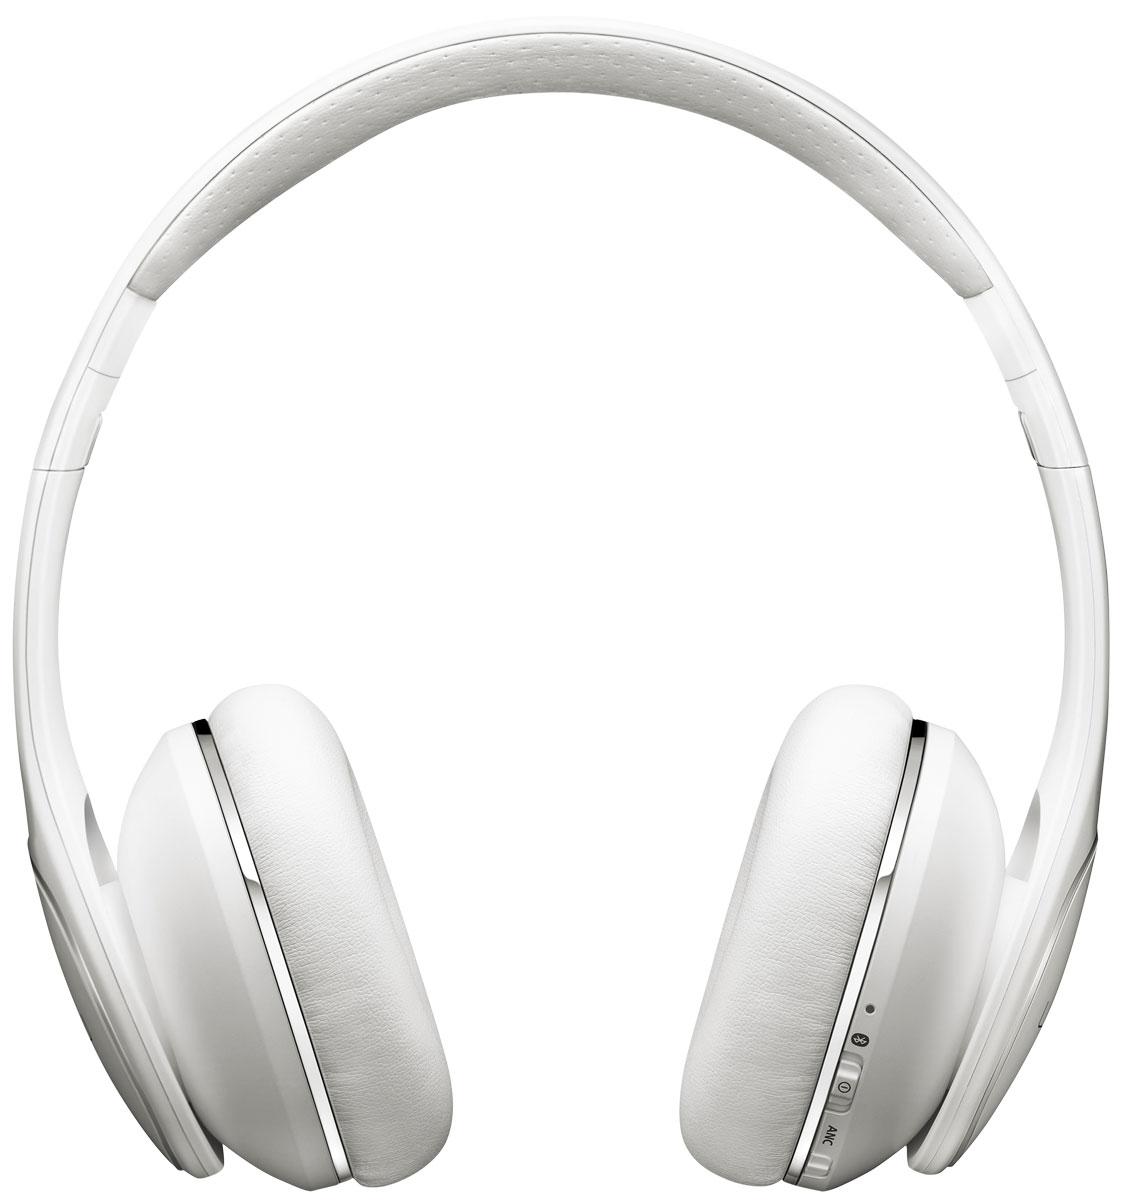 Samsung EO-PN900B Level On, White беспроводные наушникиEO-PN900BWEGRUЖизнь в современном мегаполисе течет быстро и не дает времени остановиться и отдохнуть. Поэтому, всегда приятно насладиться в дороге любимой музыкой в хорошем качестве или новинками мира кино. Именно в этом Вам поможет беспроводная Bluetooth-гарнитура Samsung EO-PN900Гарнитура снабжена высококачественными 40 мм динамиками, которые прекрасно справляются с воспроизведением музыки даже в самом высоком качестве, а встроенные кнопки управления и микрофон позволят Вам даже не вынимать телефон из сумки или кармана для переключения песен, управления громкостью или принятия звонков. Bluetooth версии 3.0 обеспечивает прекрасное качество соединения и скорость передачи данных, что позволяет добиться великолепного качества звукаВеликолепный стильный дизайн Samsung EO-PN900 не только прекрасно выглядит, но и, благодаря использованию самых качественных материалов, очень надежен и прочен. Приятные мягкие амбушюры и оголовье не сильно давят на уши и обеспечивают отличный уровень комфорта